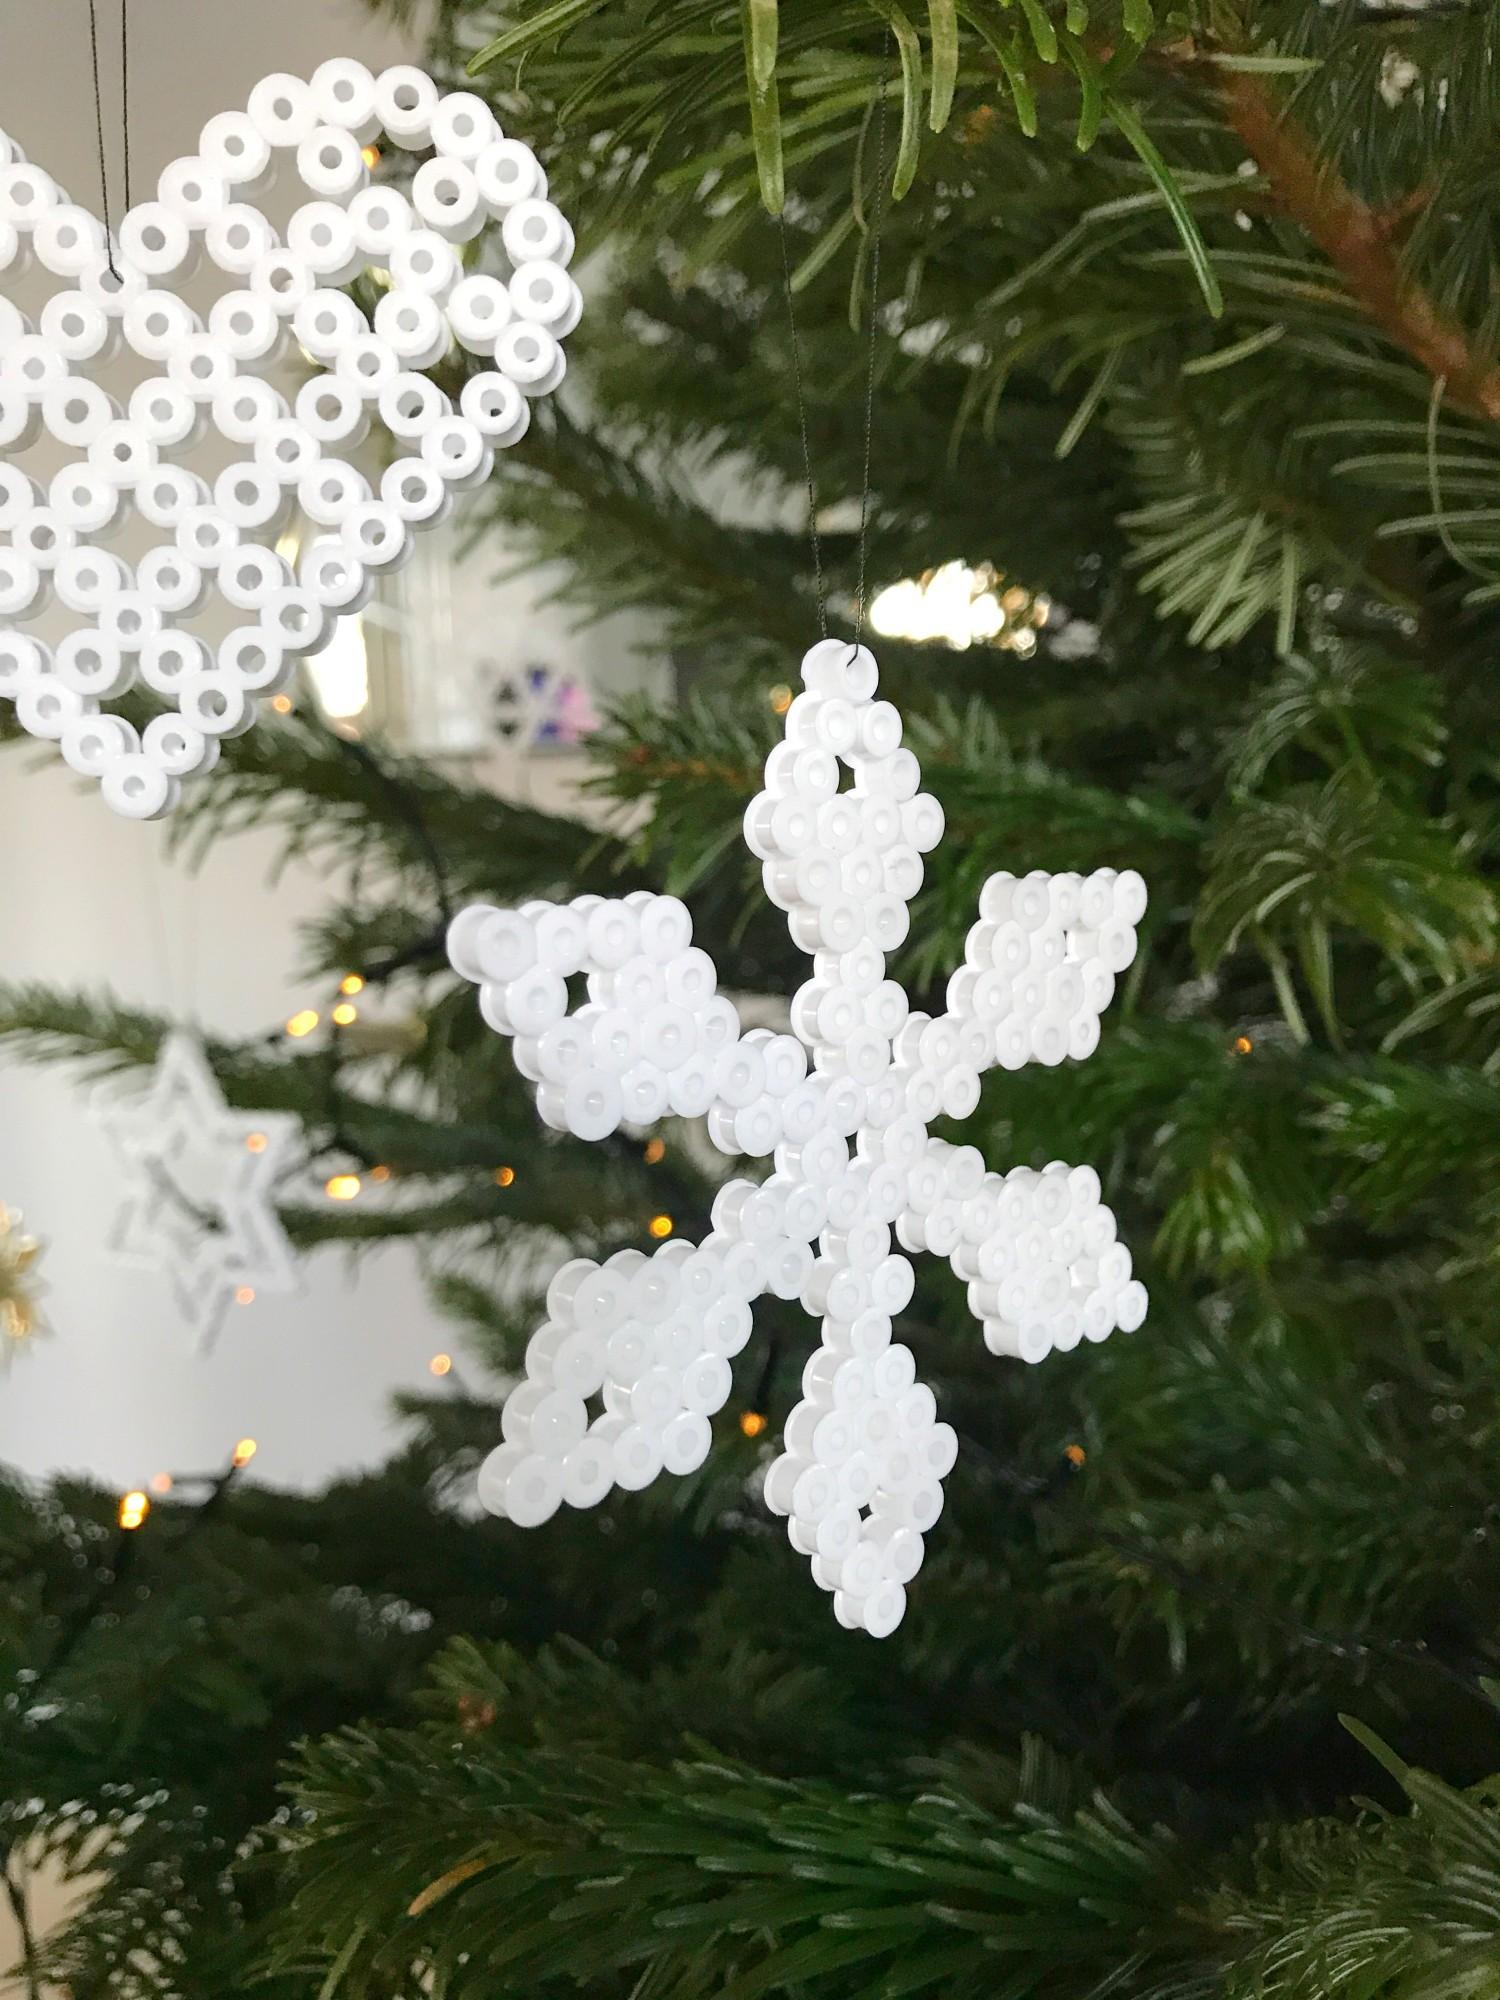 Juletræ med perleplade dekorationer